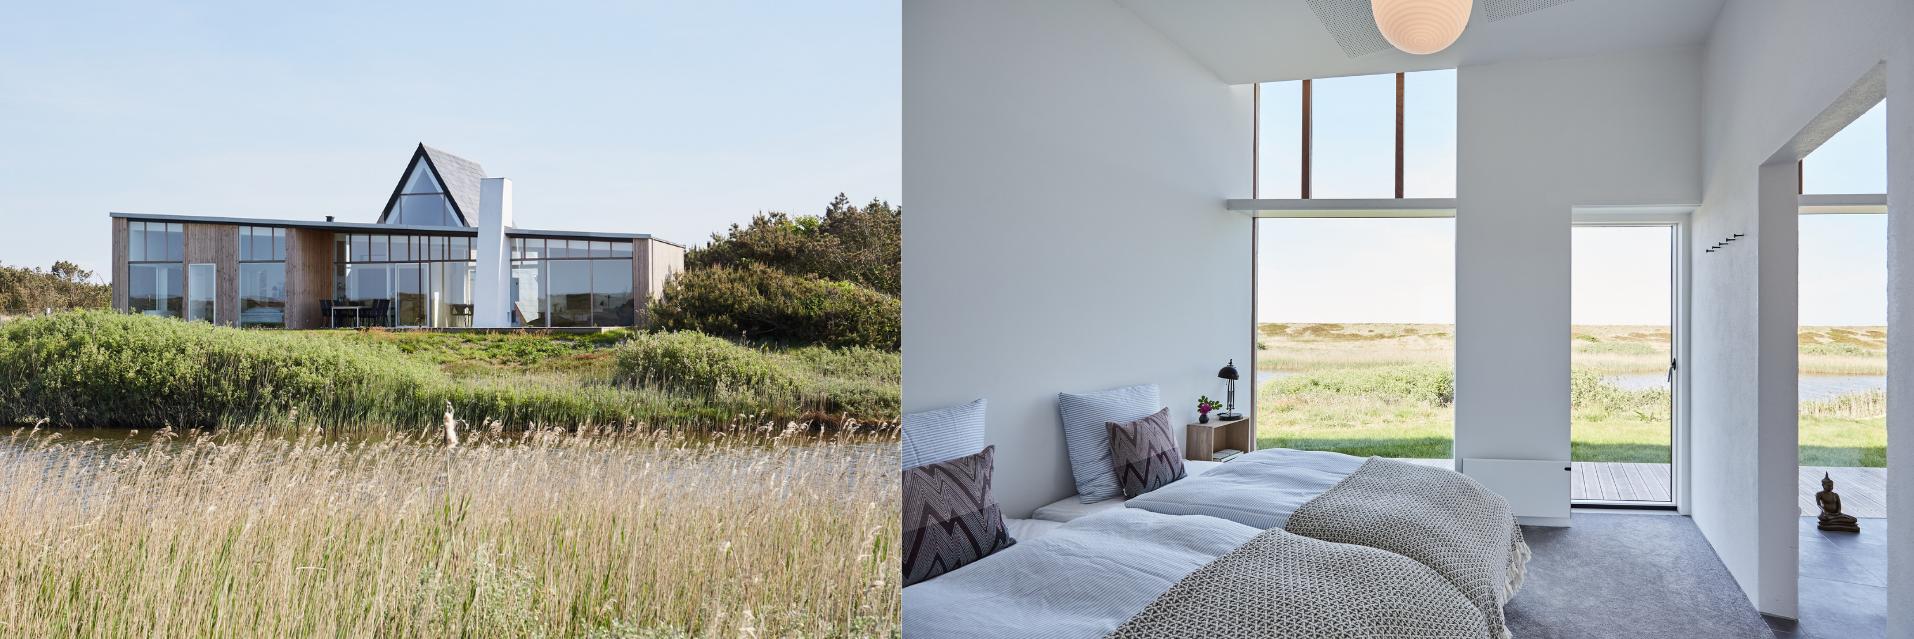 Light House Urlaubsarchitektur Dänemark